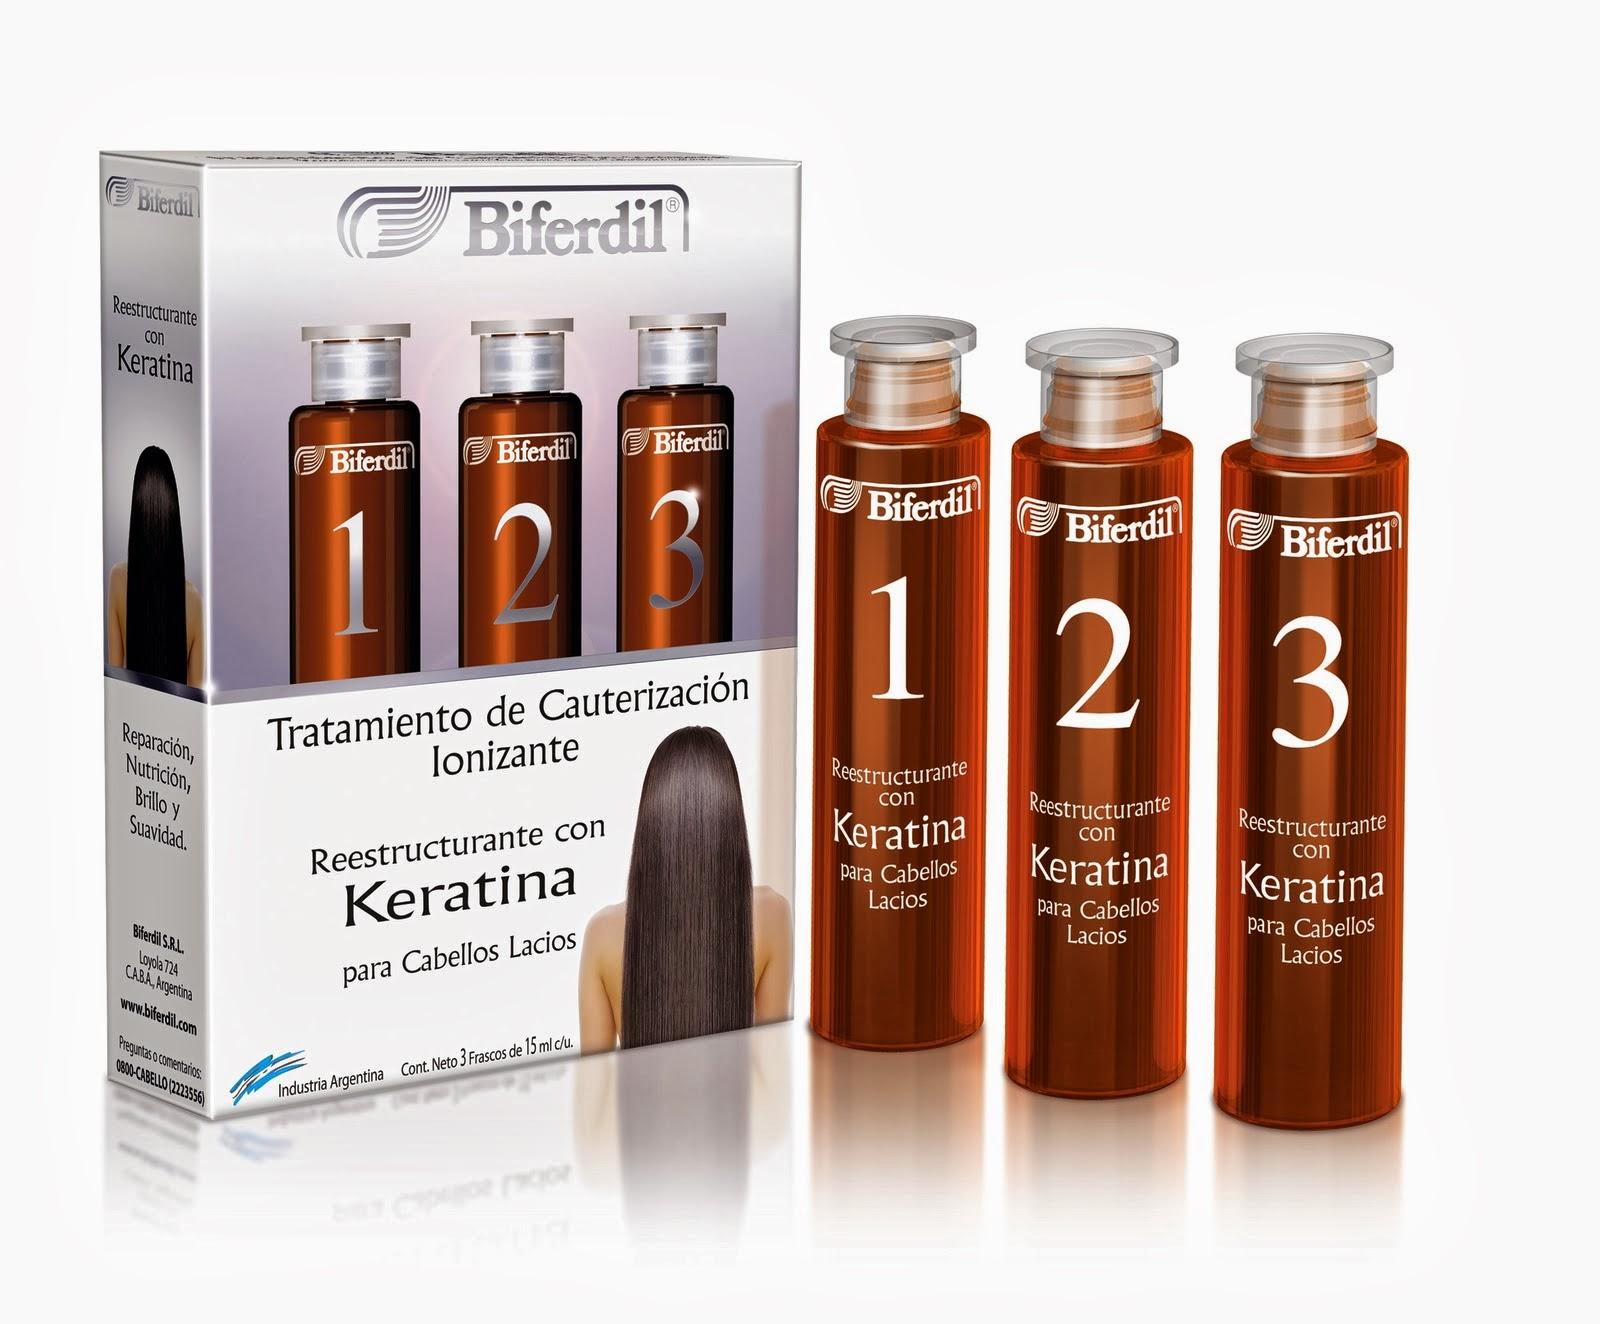 Review del Tratamiento de Cauterizacion Ionizante de Biferdil con